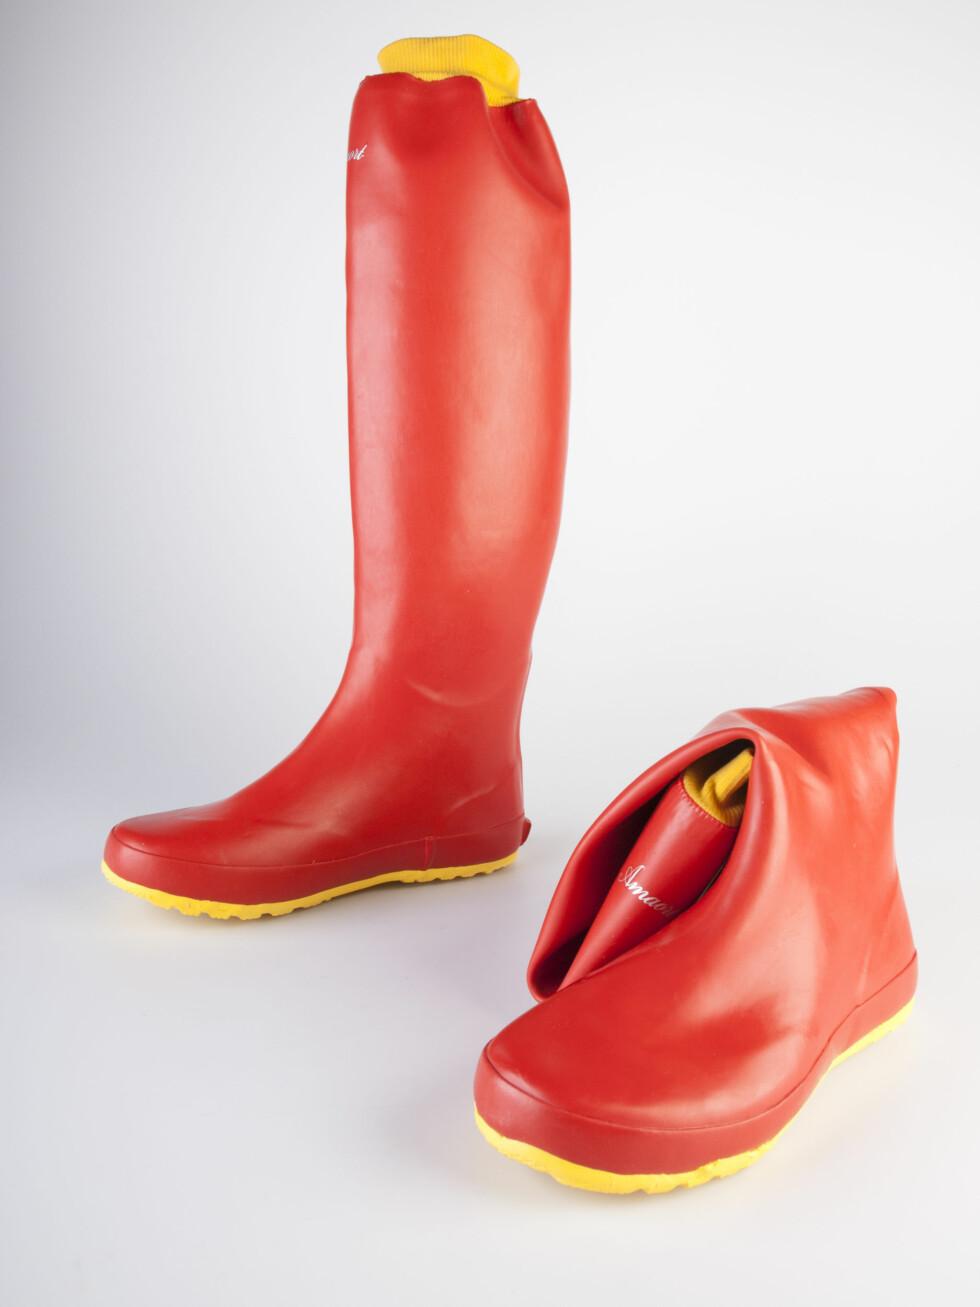 Pacablz-støvlene fra merket Amaort, kr 999 hos Brandos.no. Foto: Produsenten